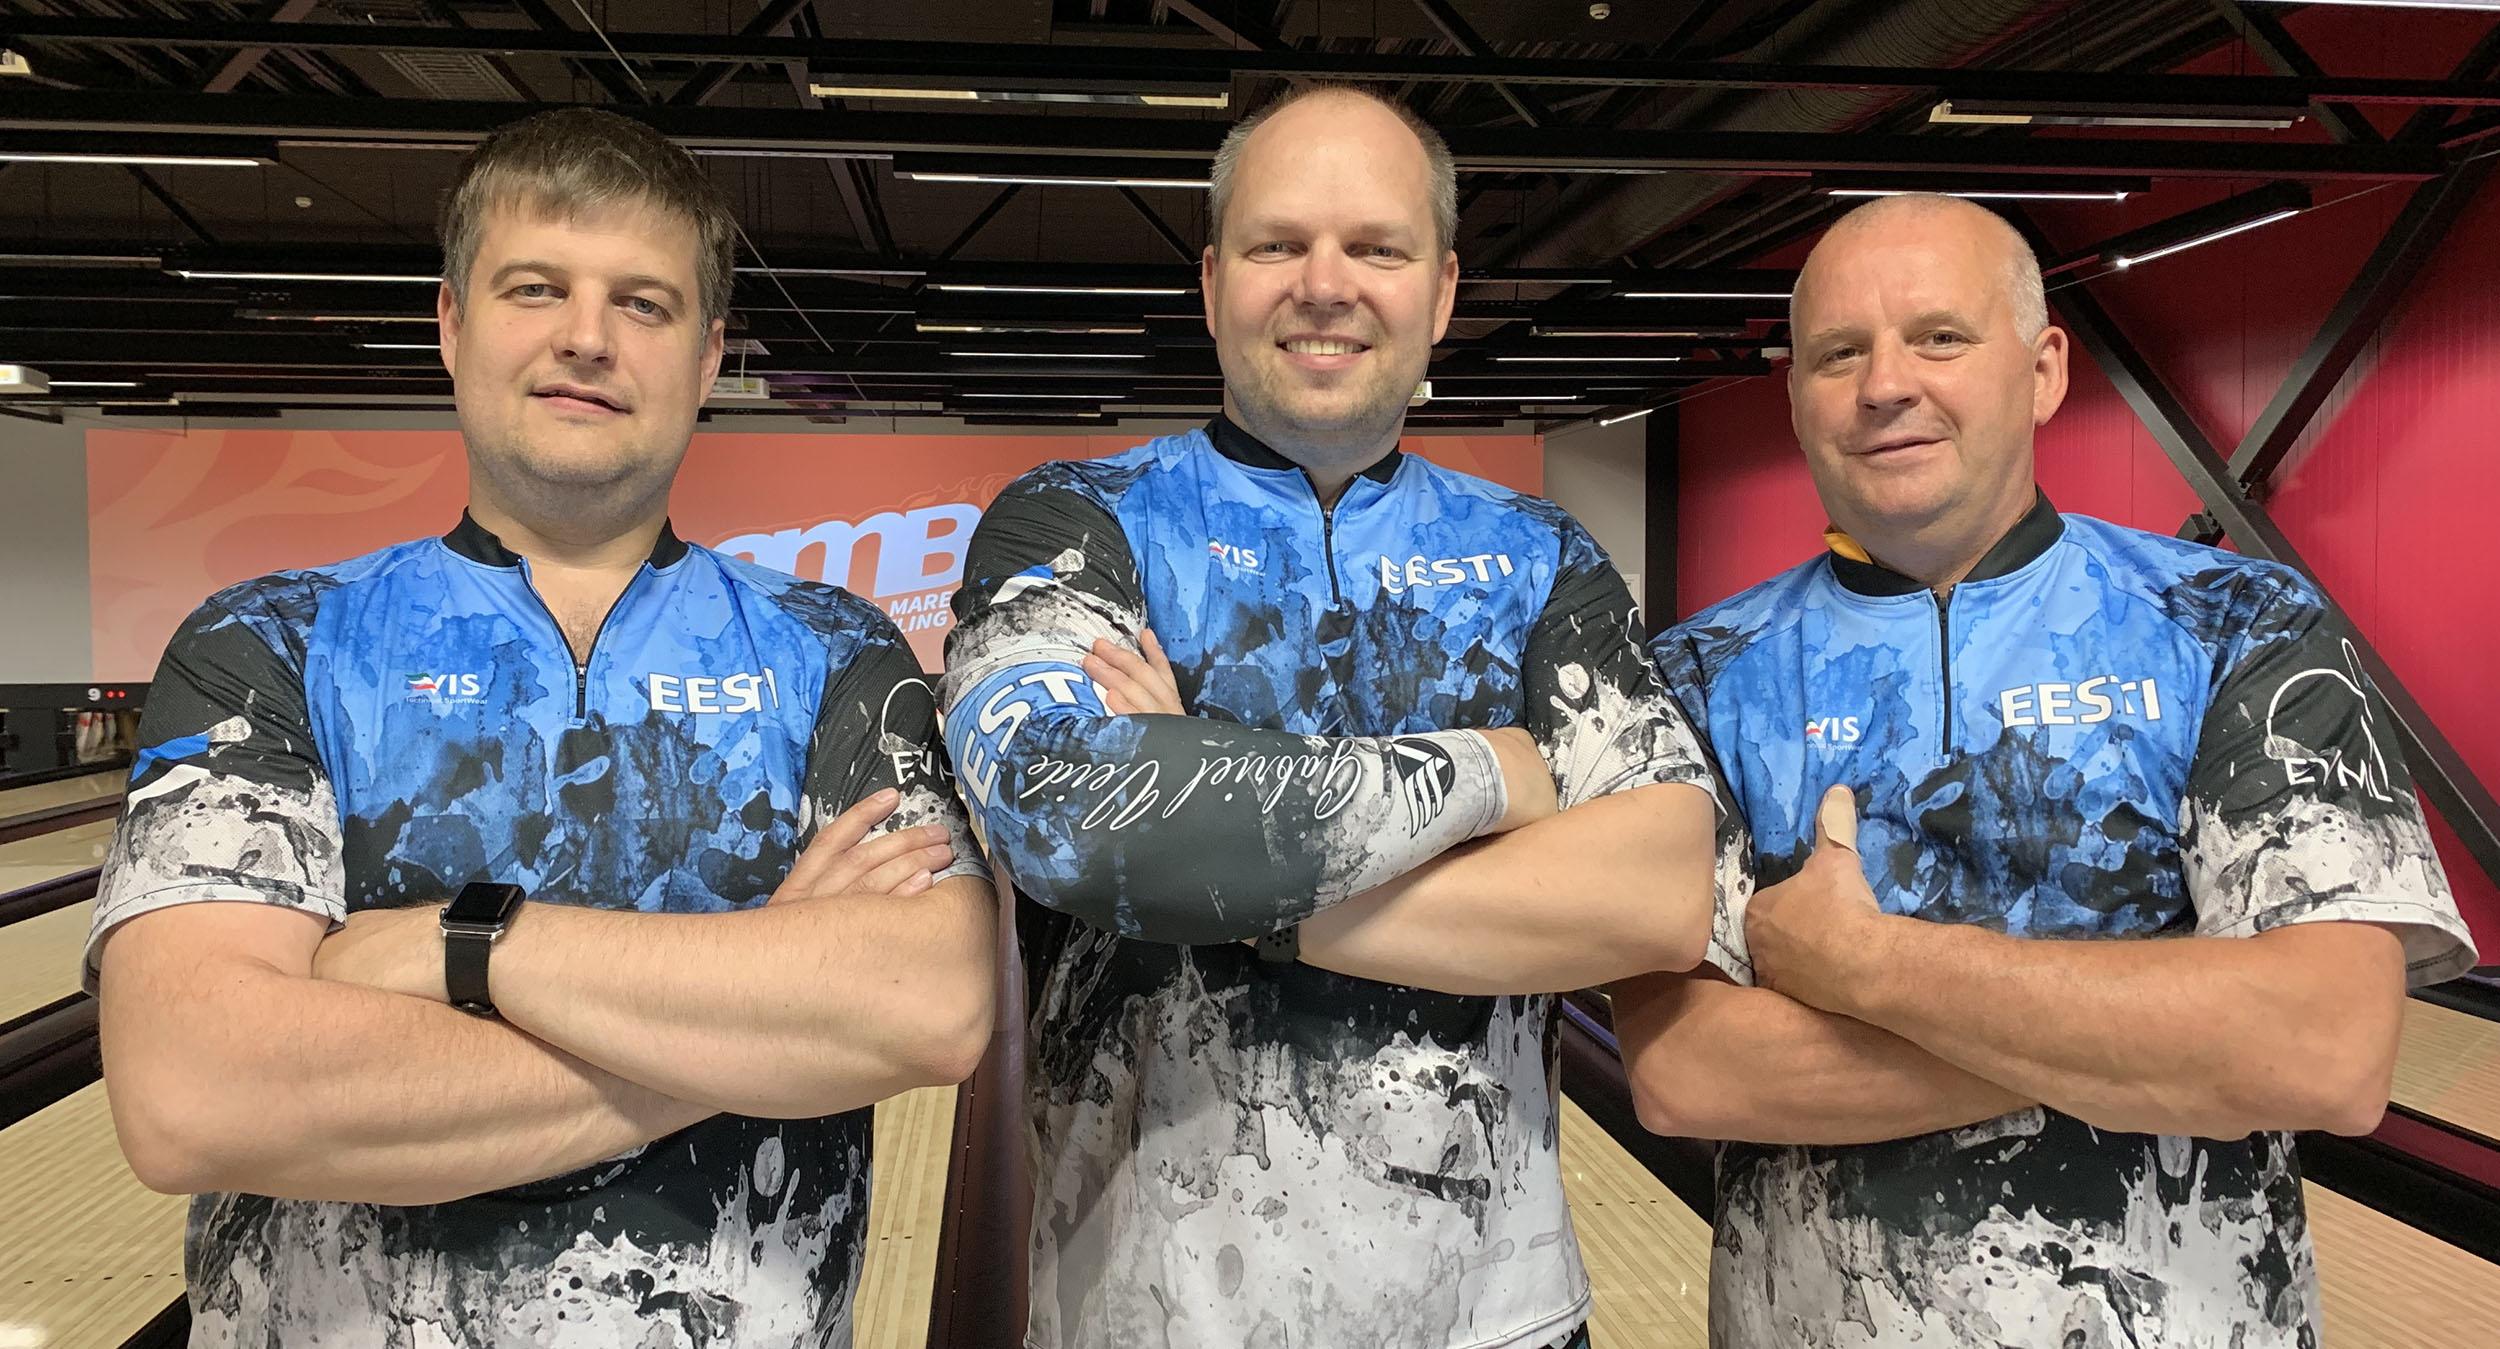 Eesti meeste koondis alustas teekonda Euroopa Meistrivõistlustele